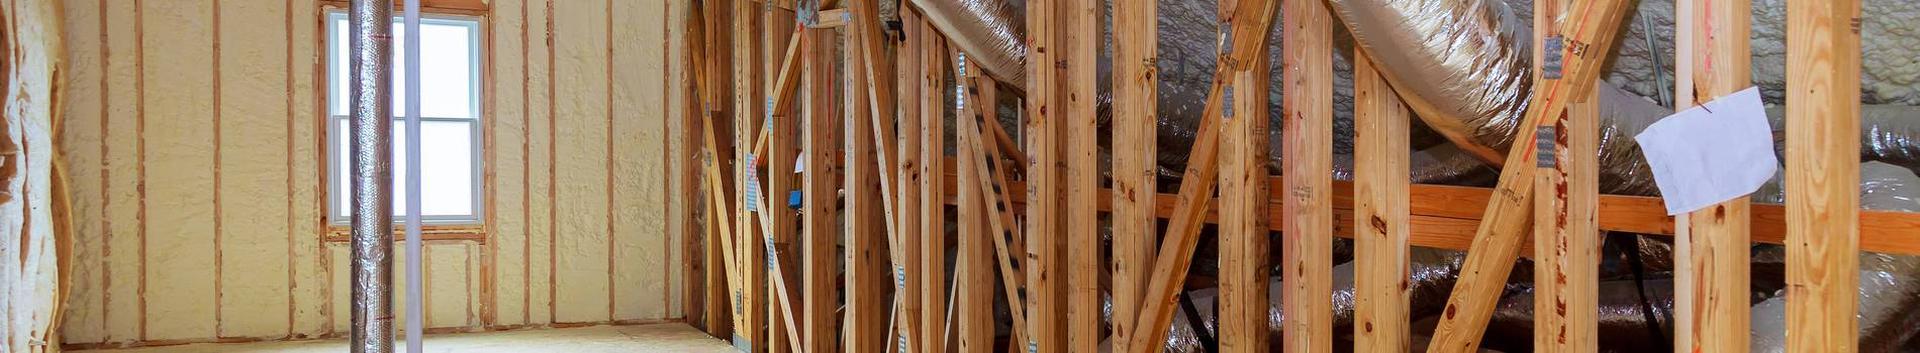 16232_kokkupandavate-puitehitiste-tootmine_82672010_xl.jpg